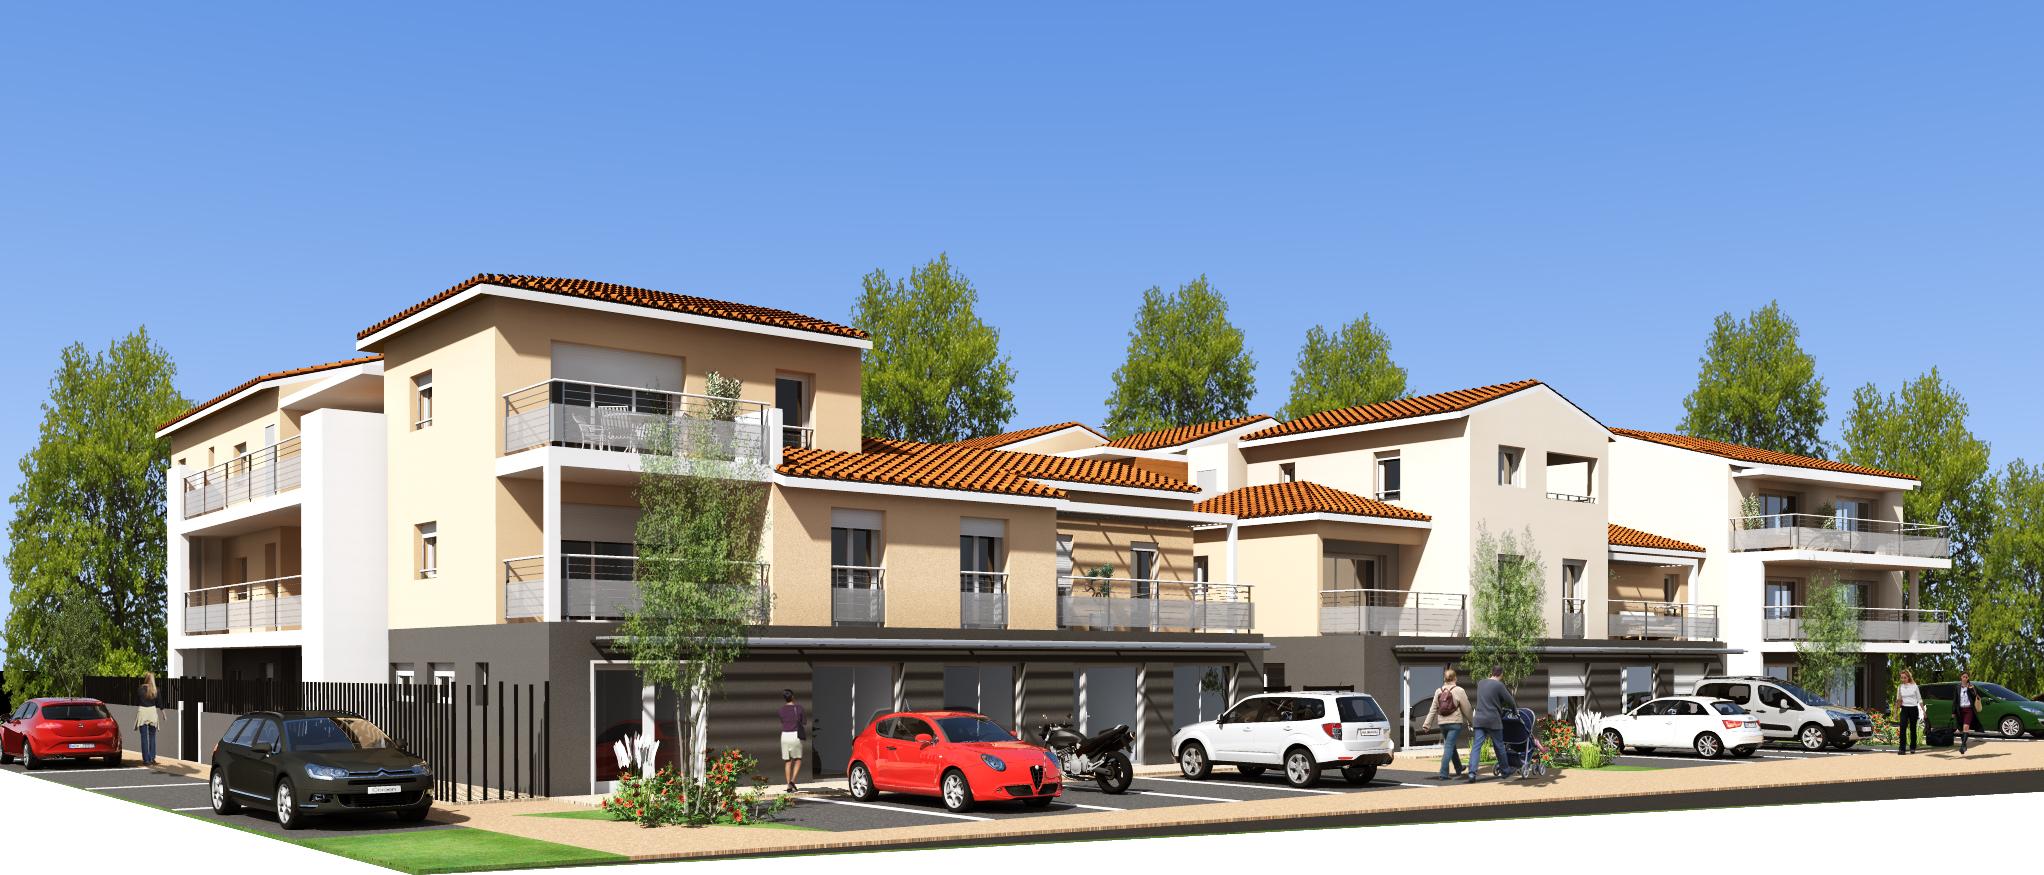 Maisons du constructeur MAISON DU DAUPHINE • 203 m² • CLEON D'ANDRAN